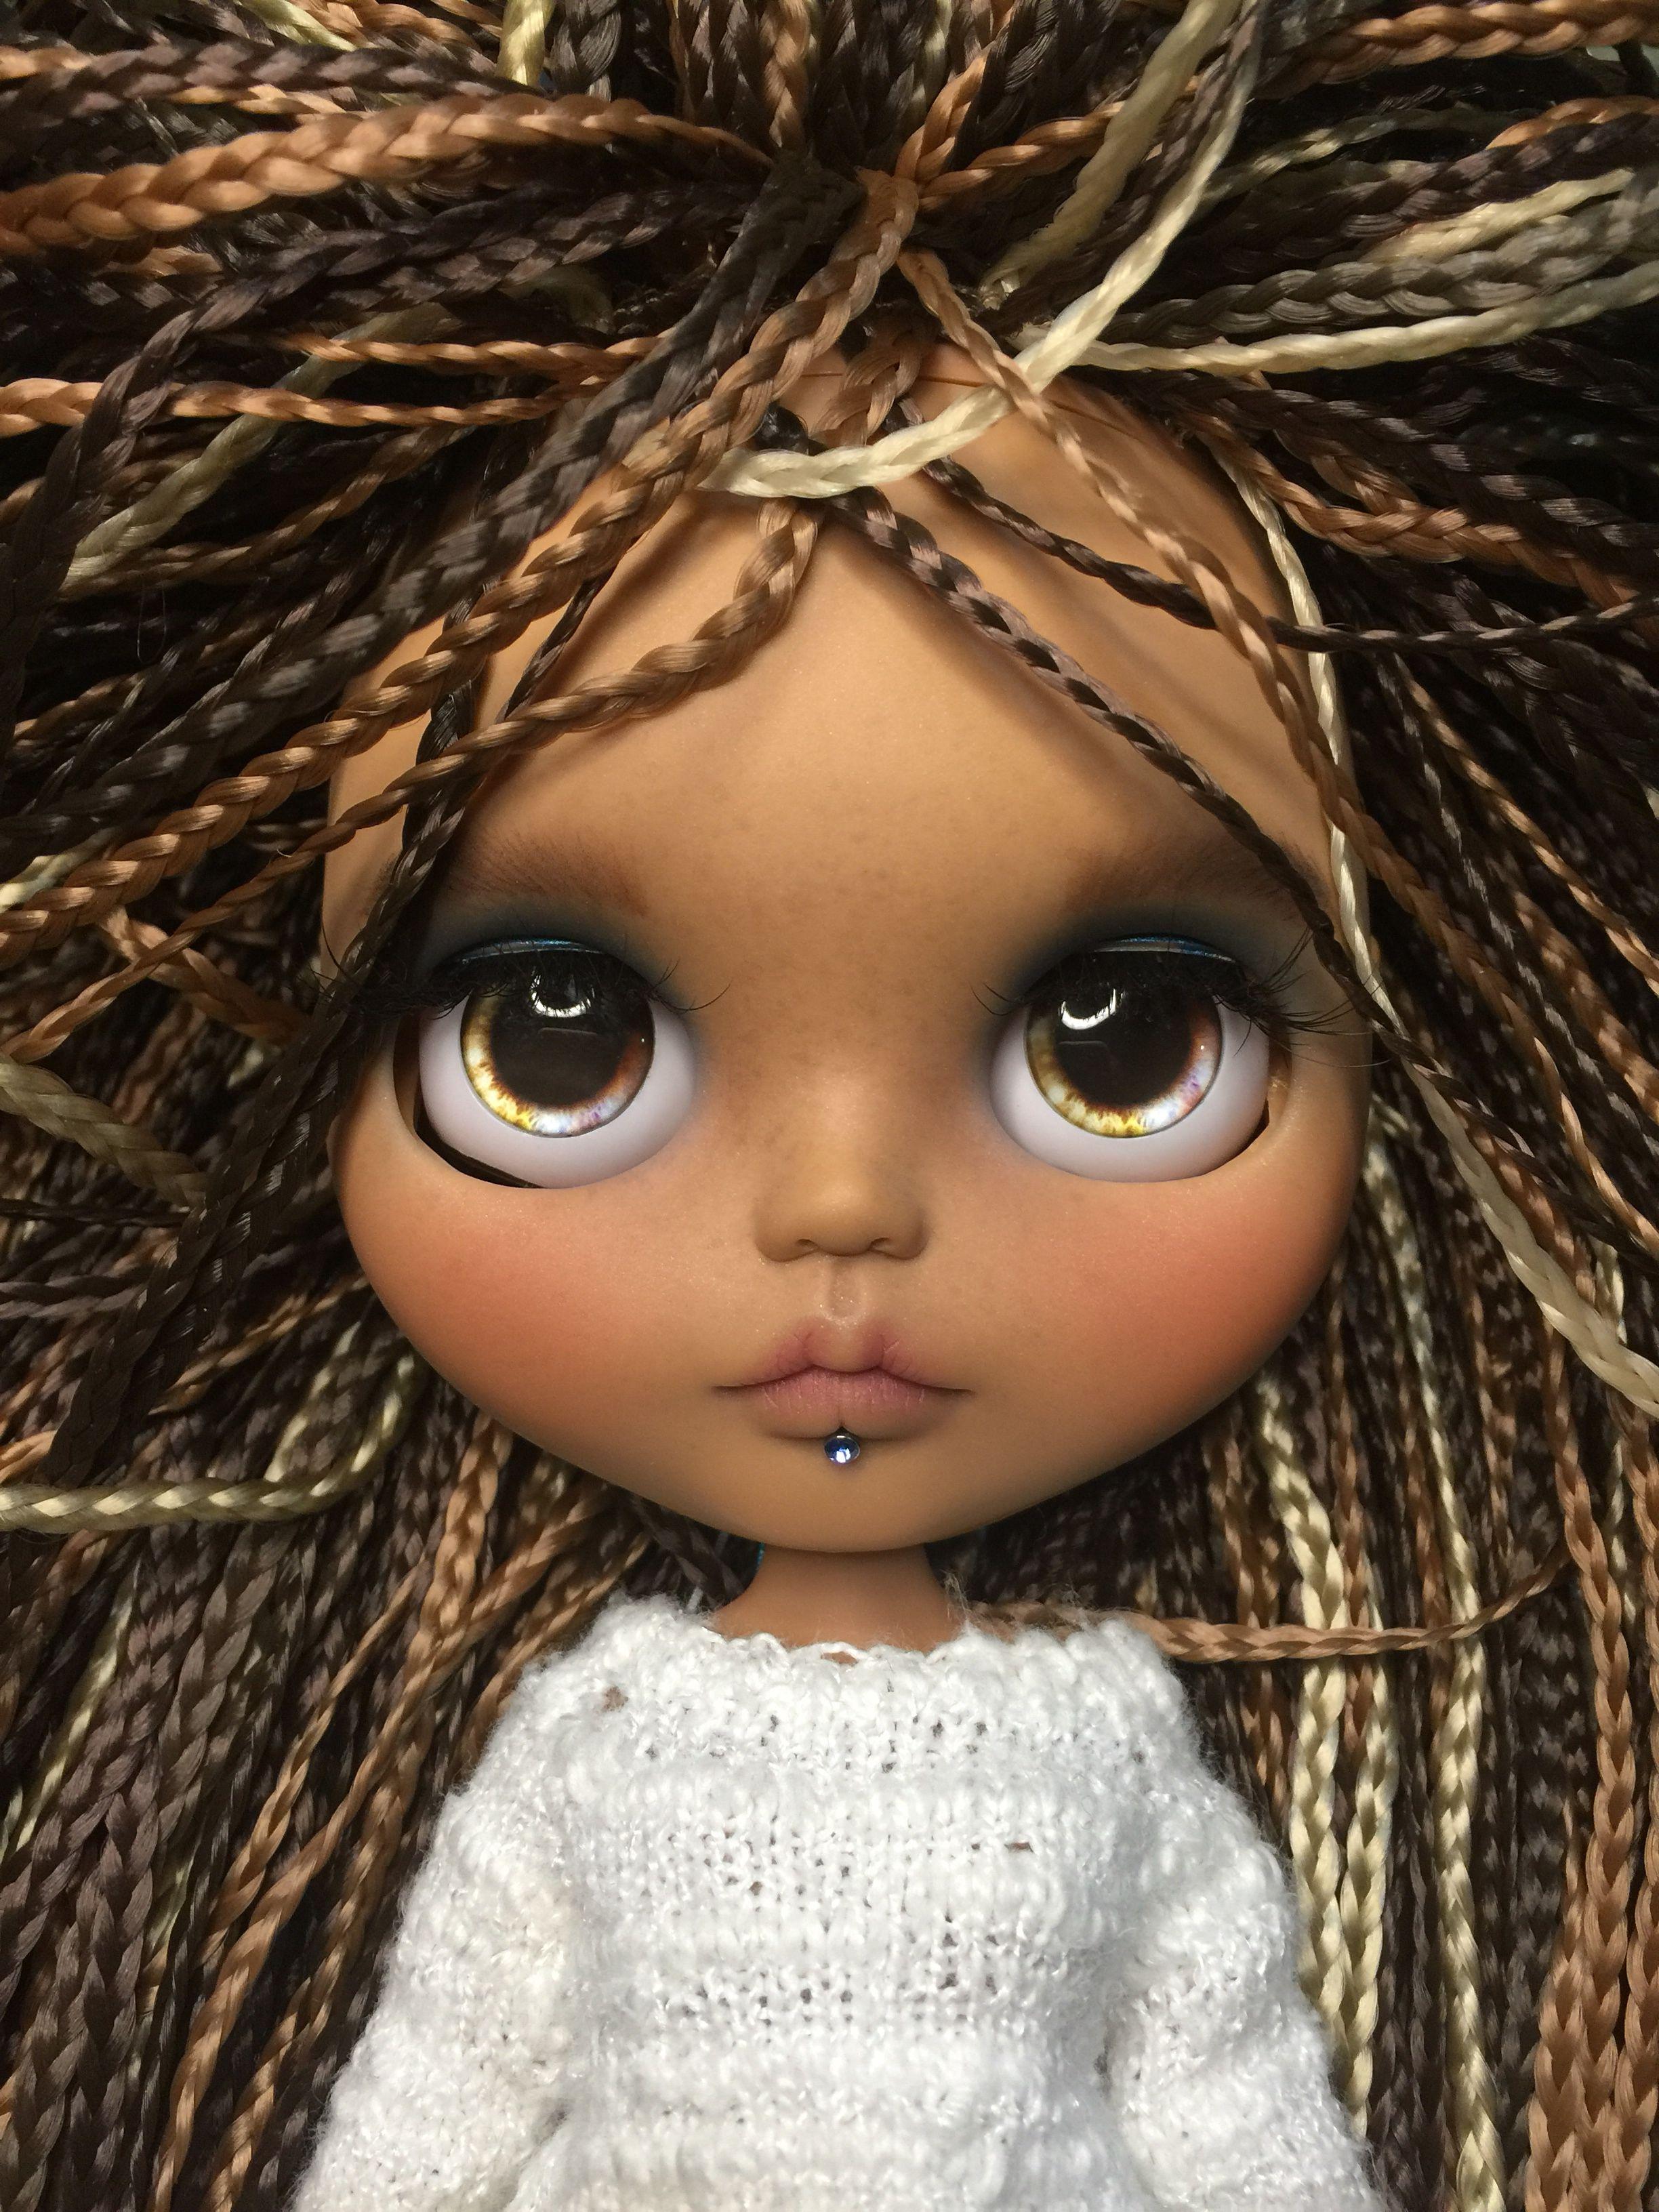 Super Hermosa 😍😍 Blythe dolls, Cute baby dolls, Pretty dolls